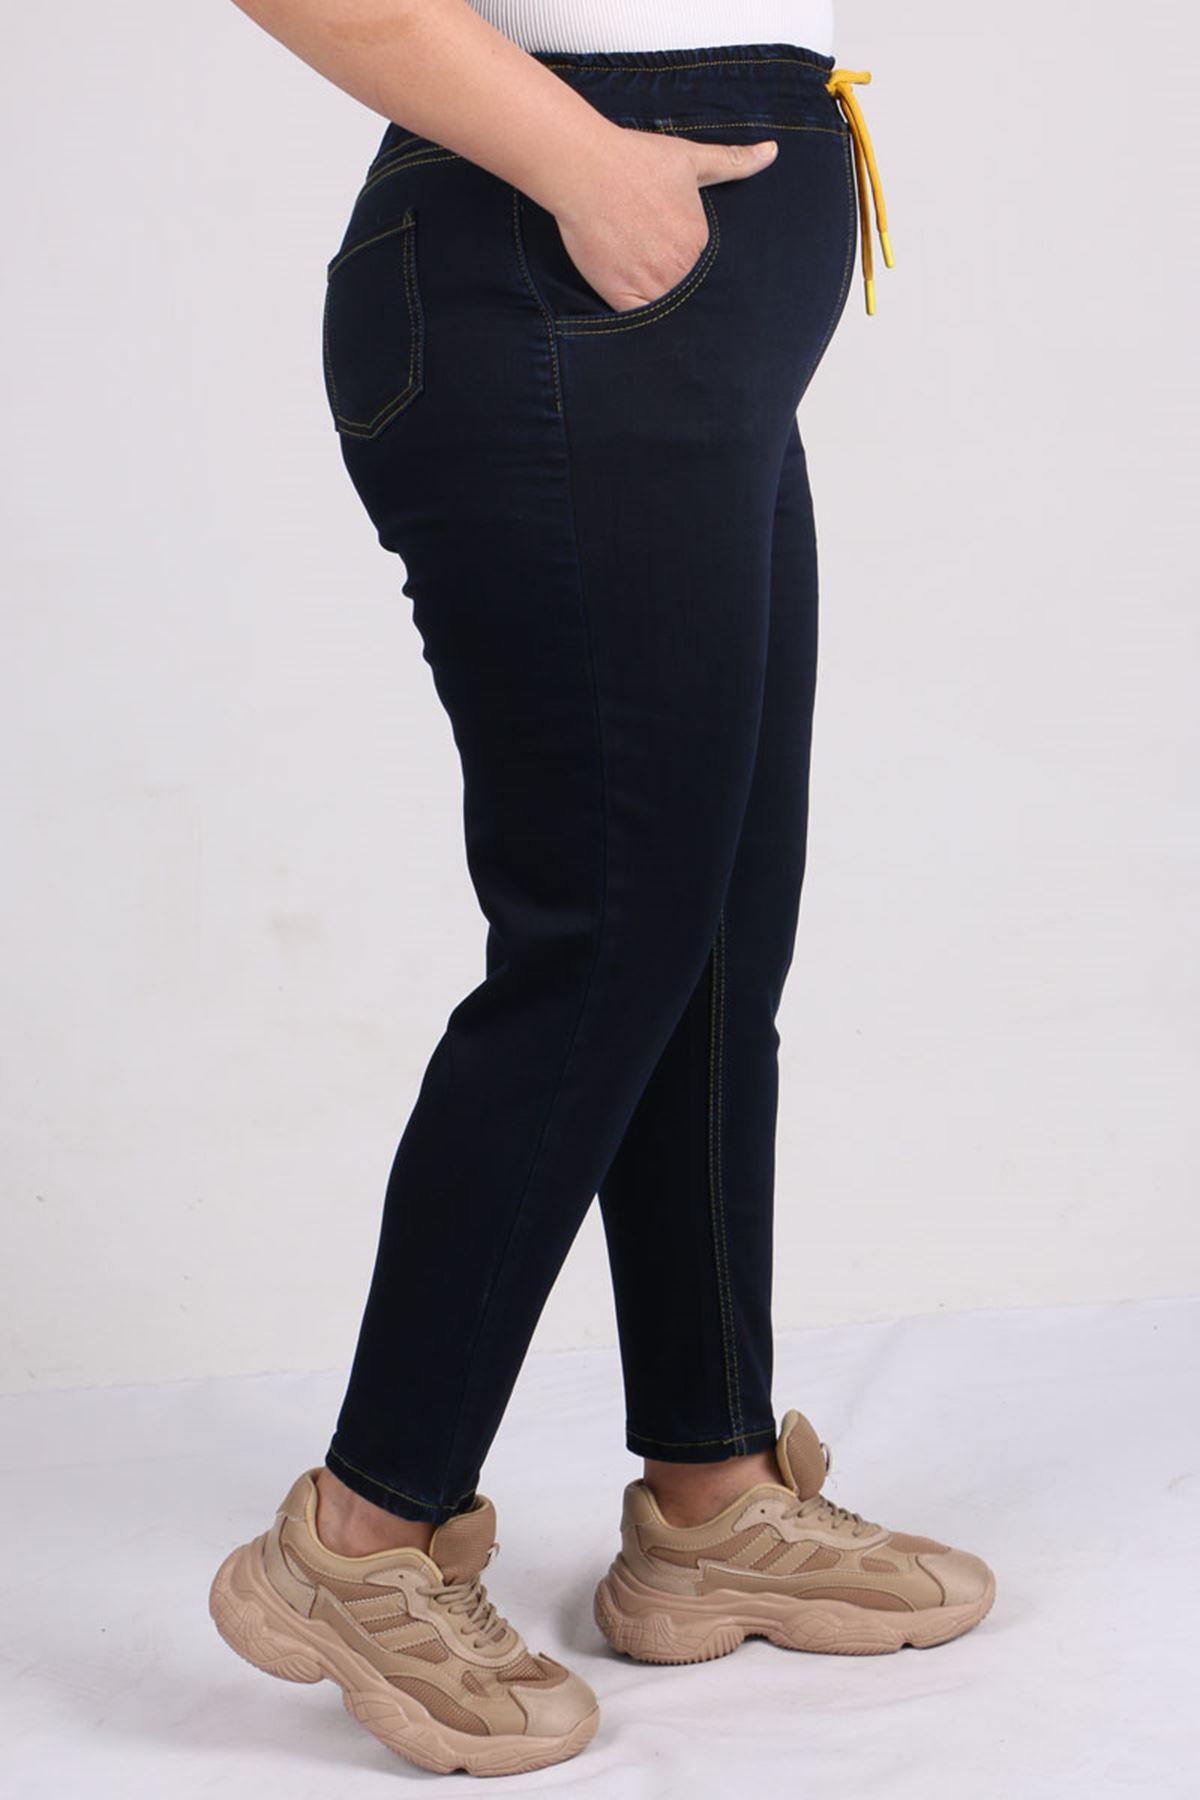 9136 Büyük Beden Beli Lastikli Mom Jeans Pantolon Koyu Lacivert - Sarı